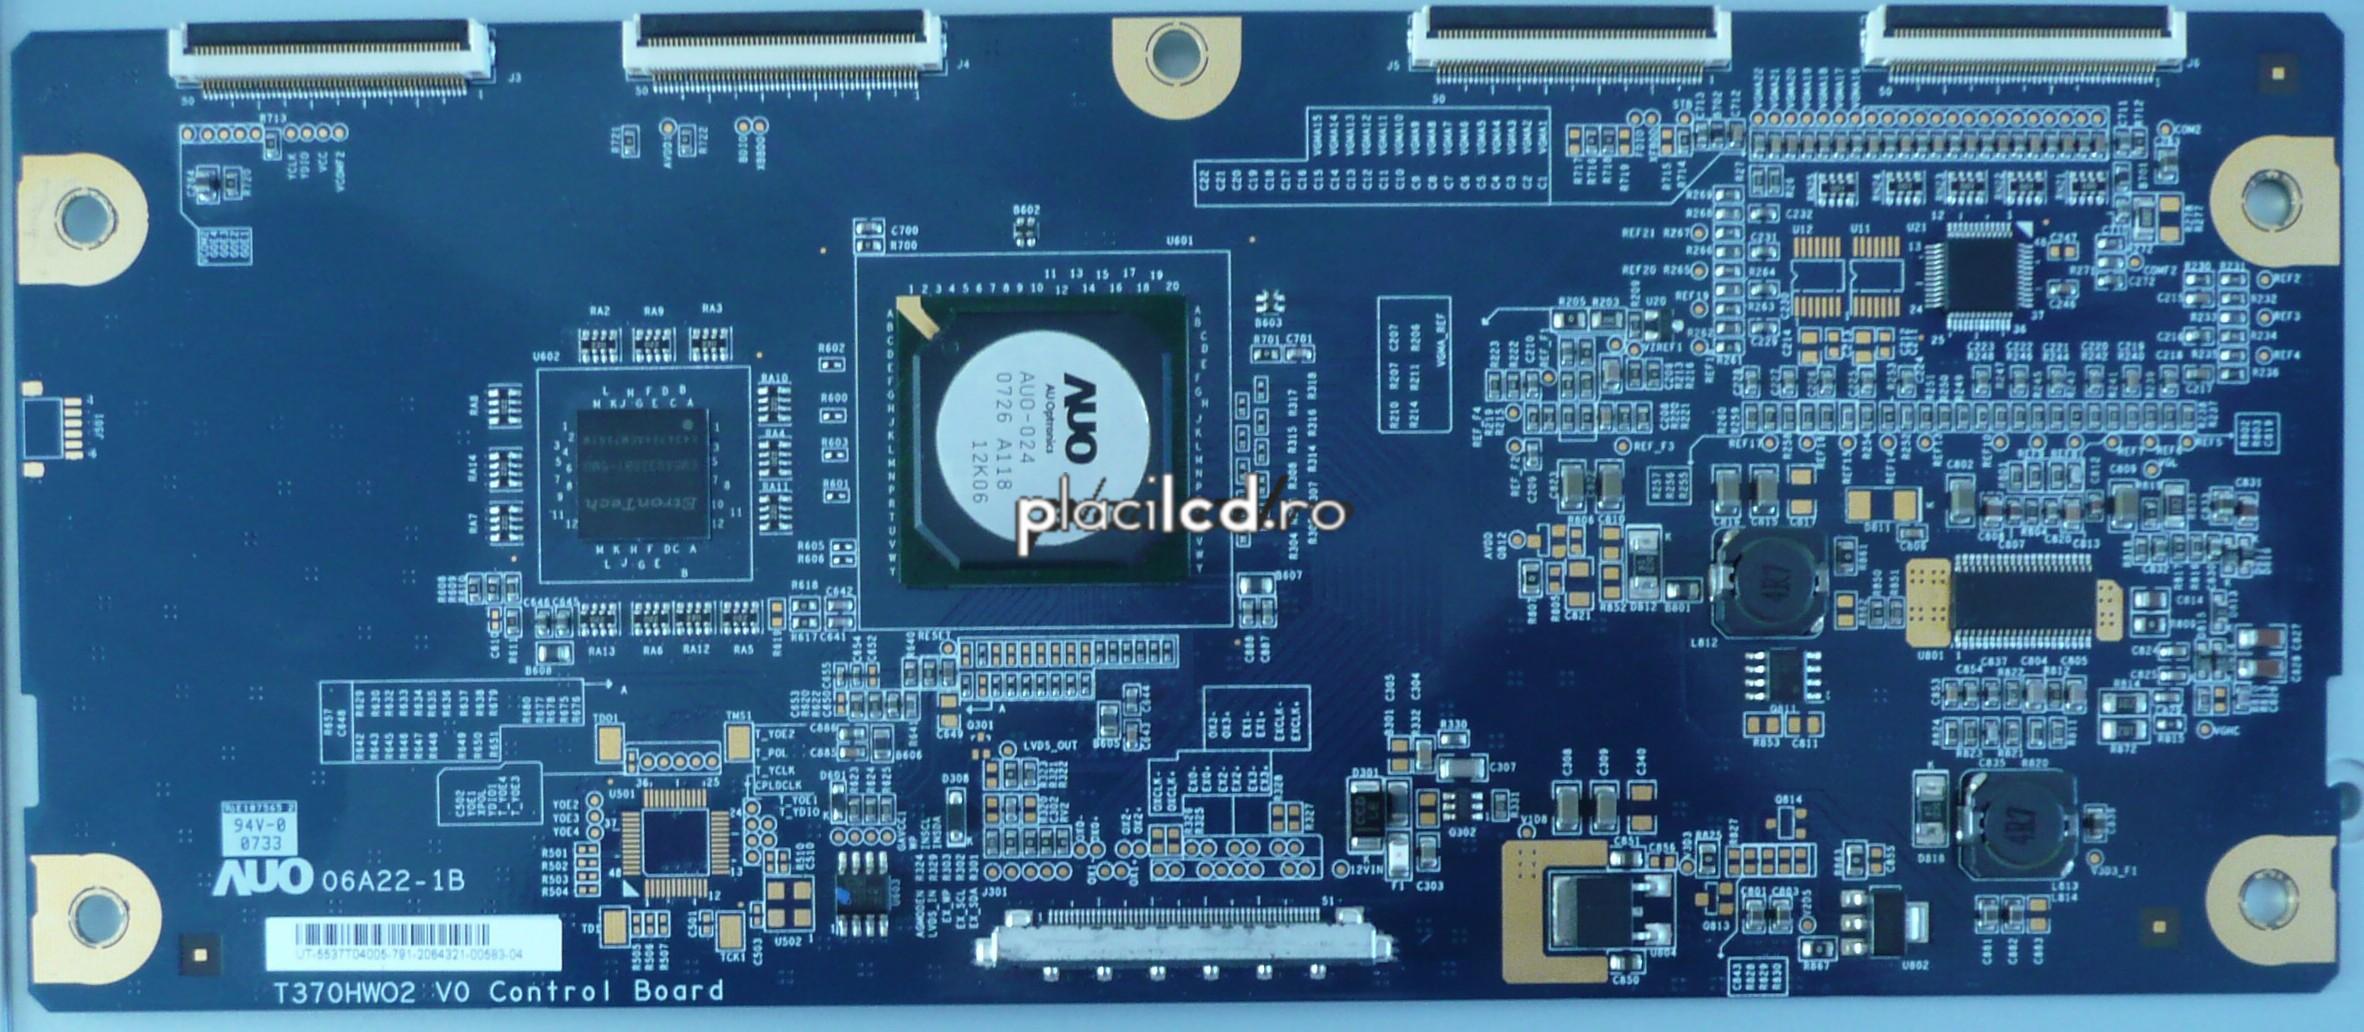 Placa LVDS T370HW02 V0 (06A22-1B)